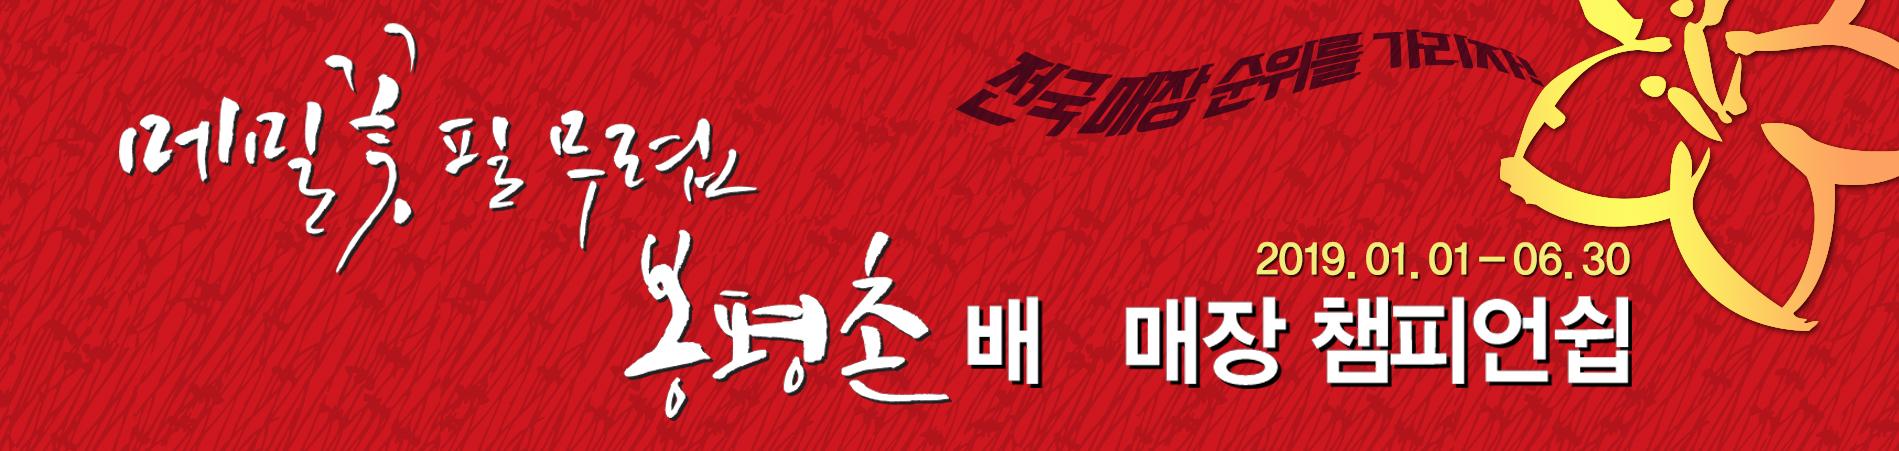 봉평촌배 매장챔피언십